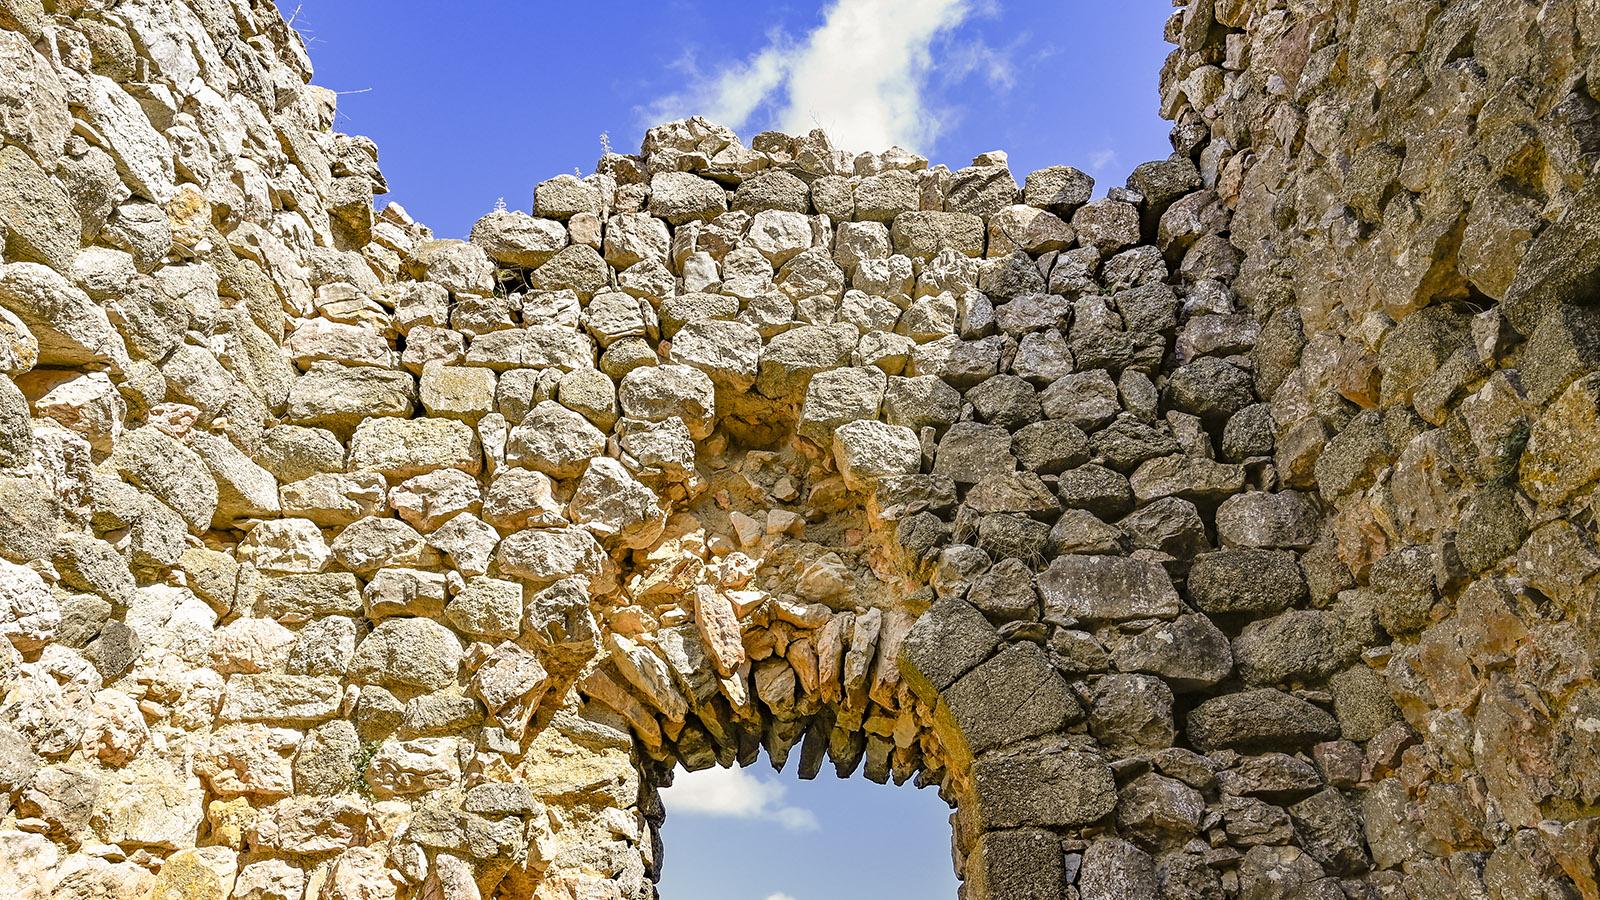 Die Tour de Lansac wurde aus dem Stein der Region erbaut. Foto: Hilke Maunder